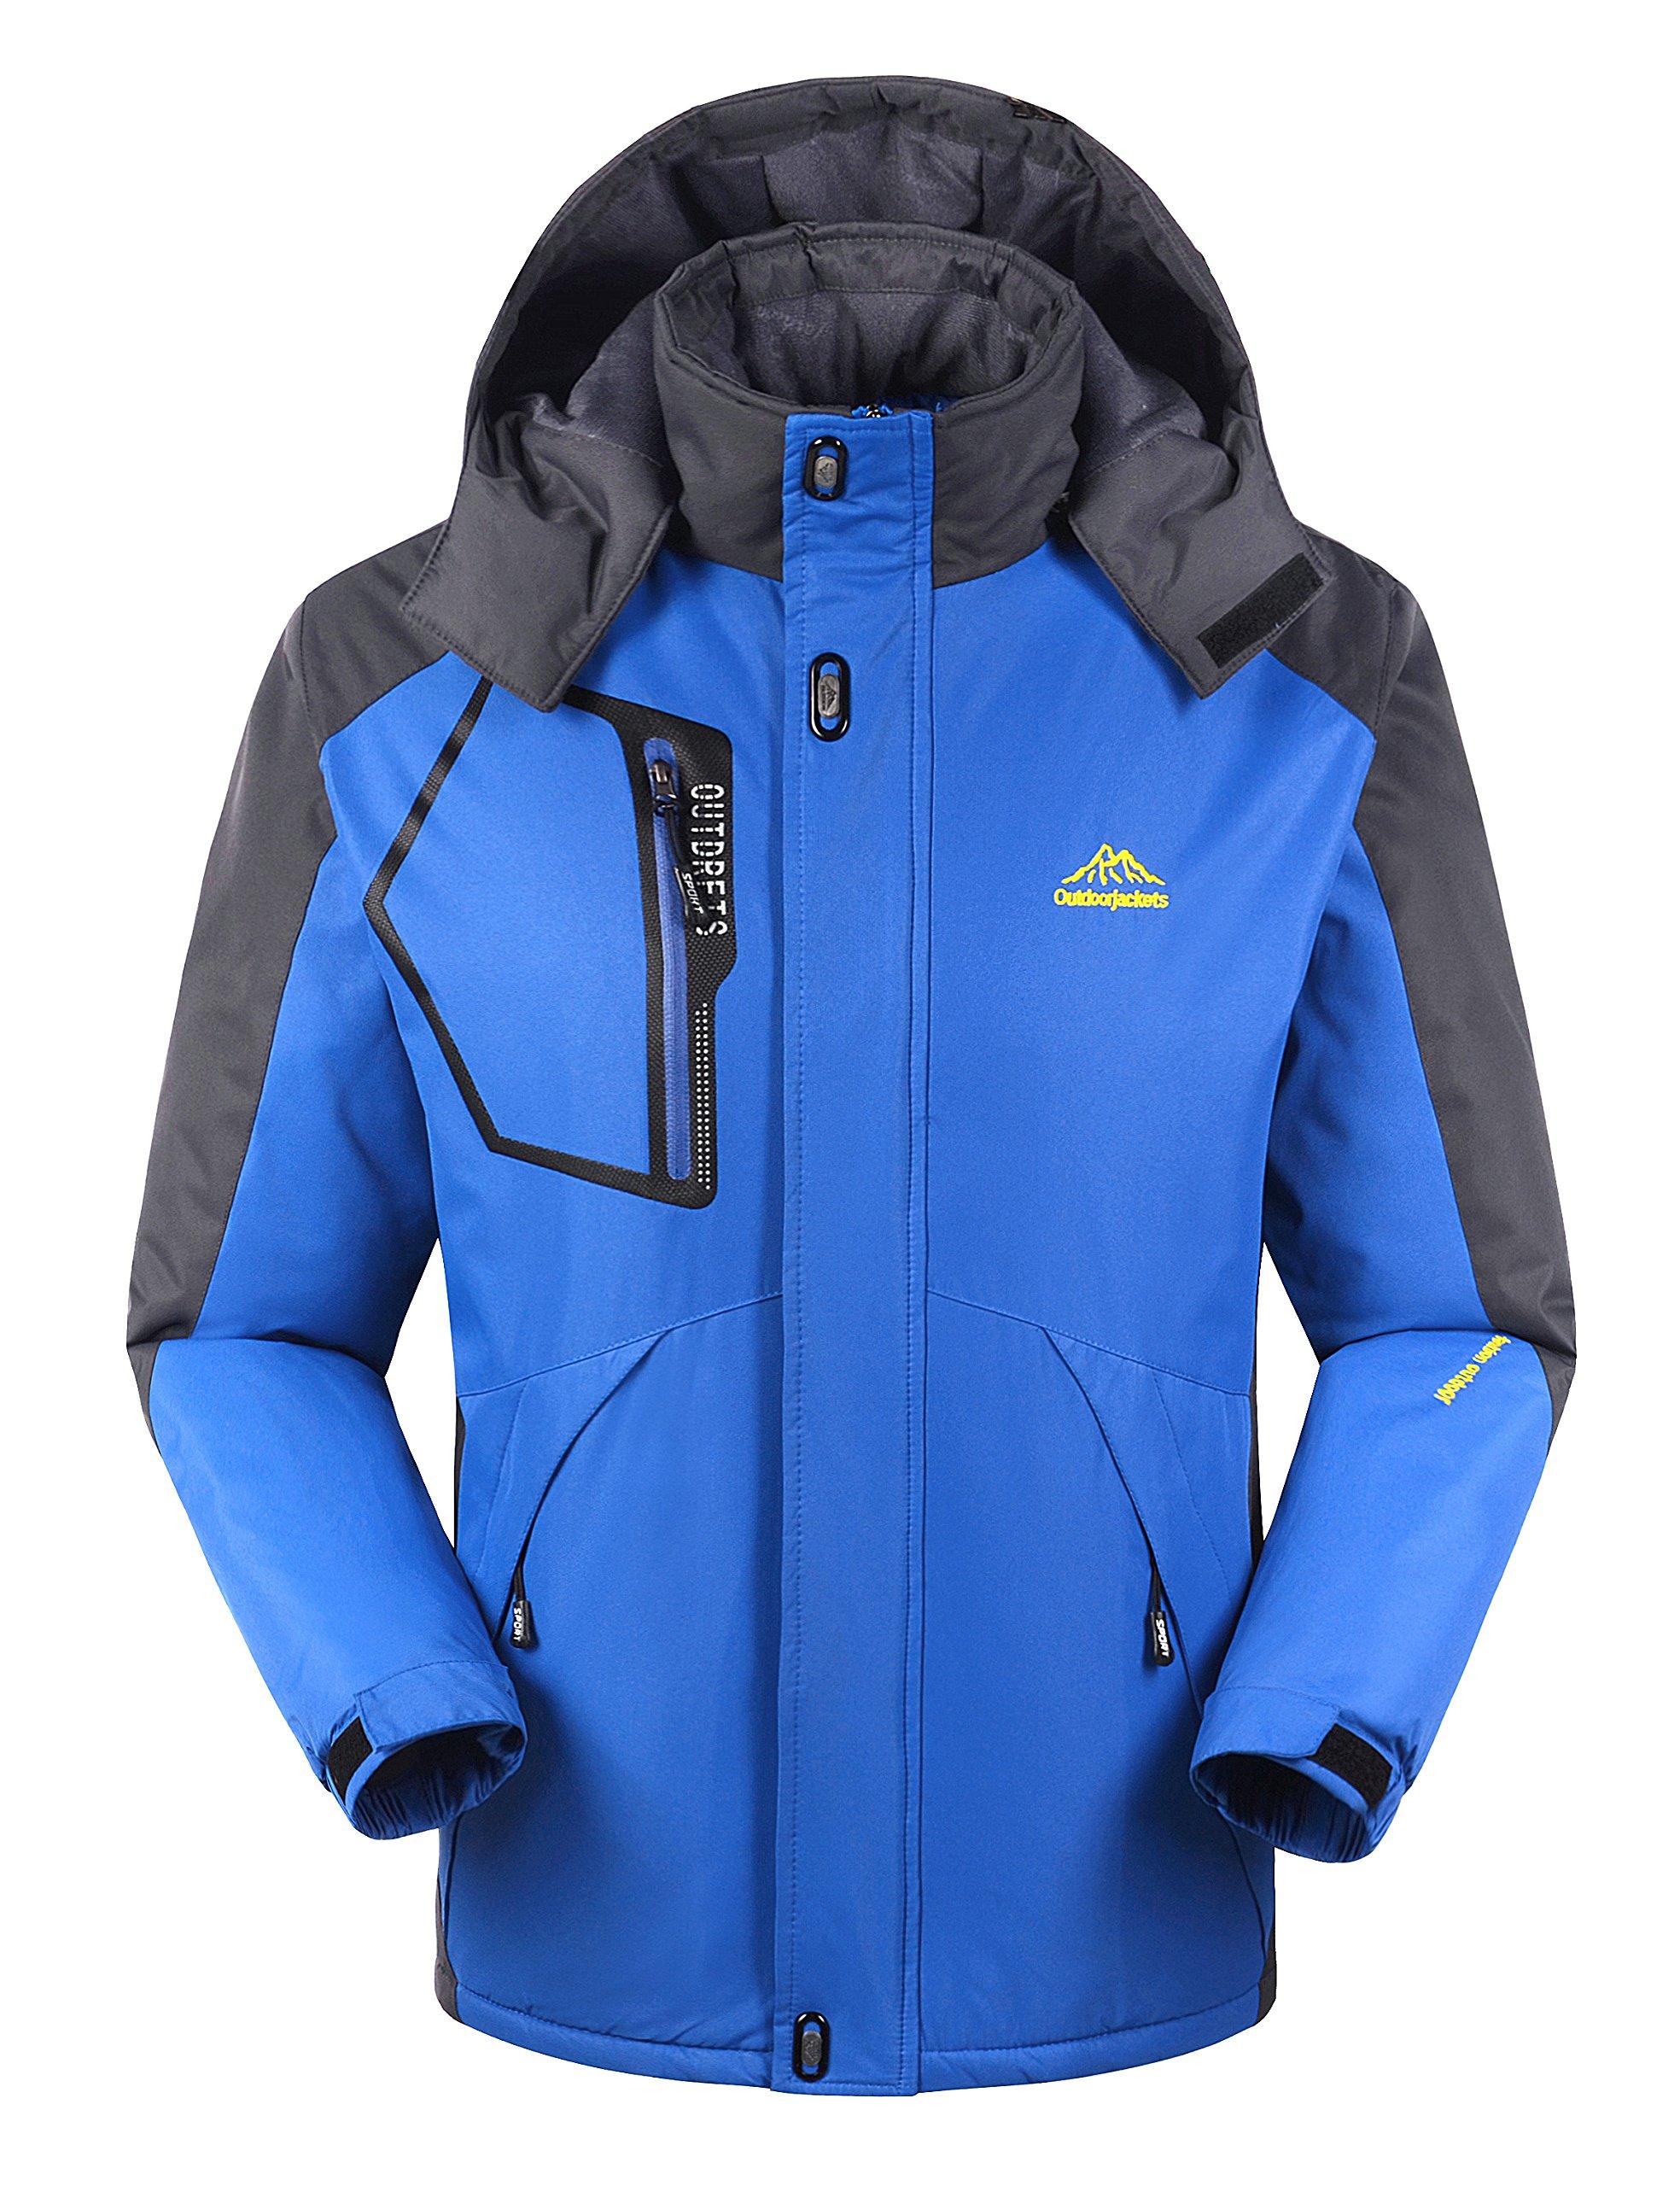 iLoveSIA Men's Mountain Waterproof Fleece Ski Jacket Windproof Rain Jacket Blue Size XL by iLoveSIA